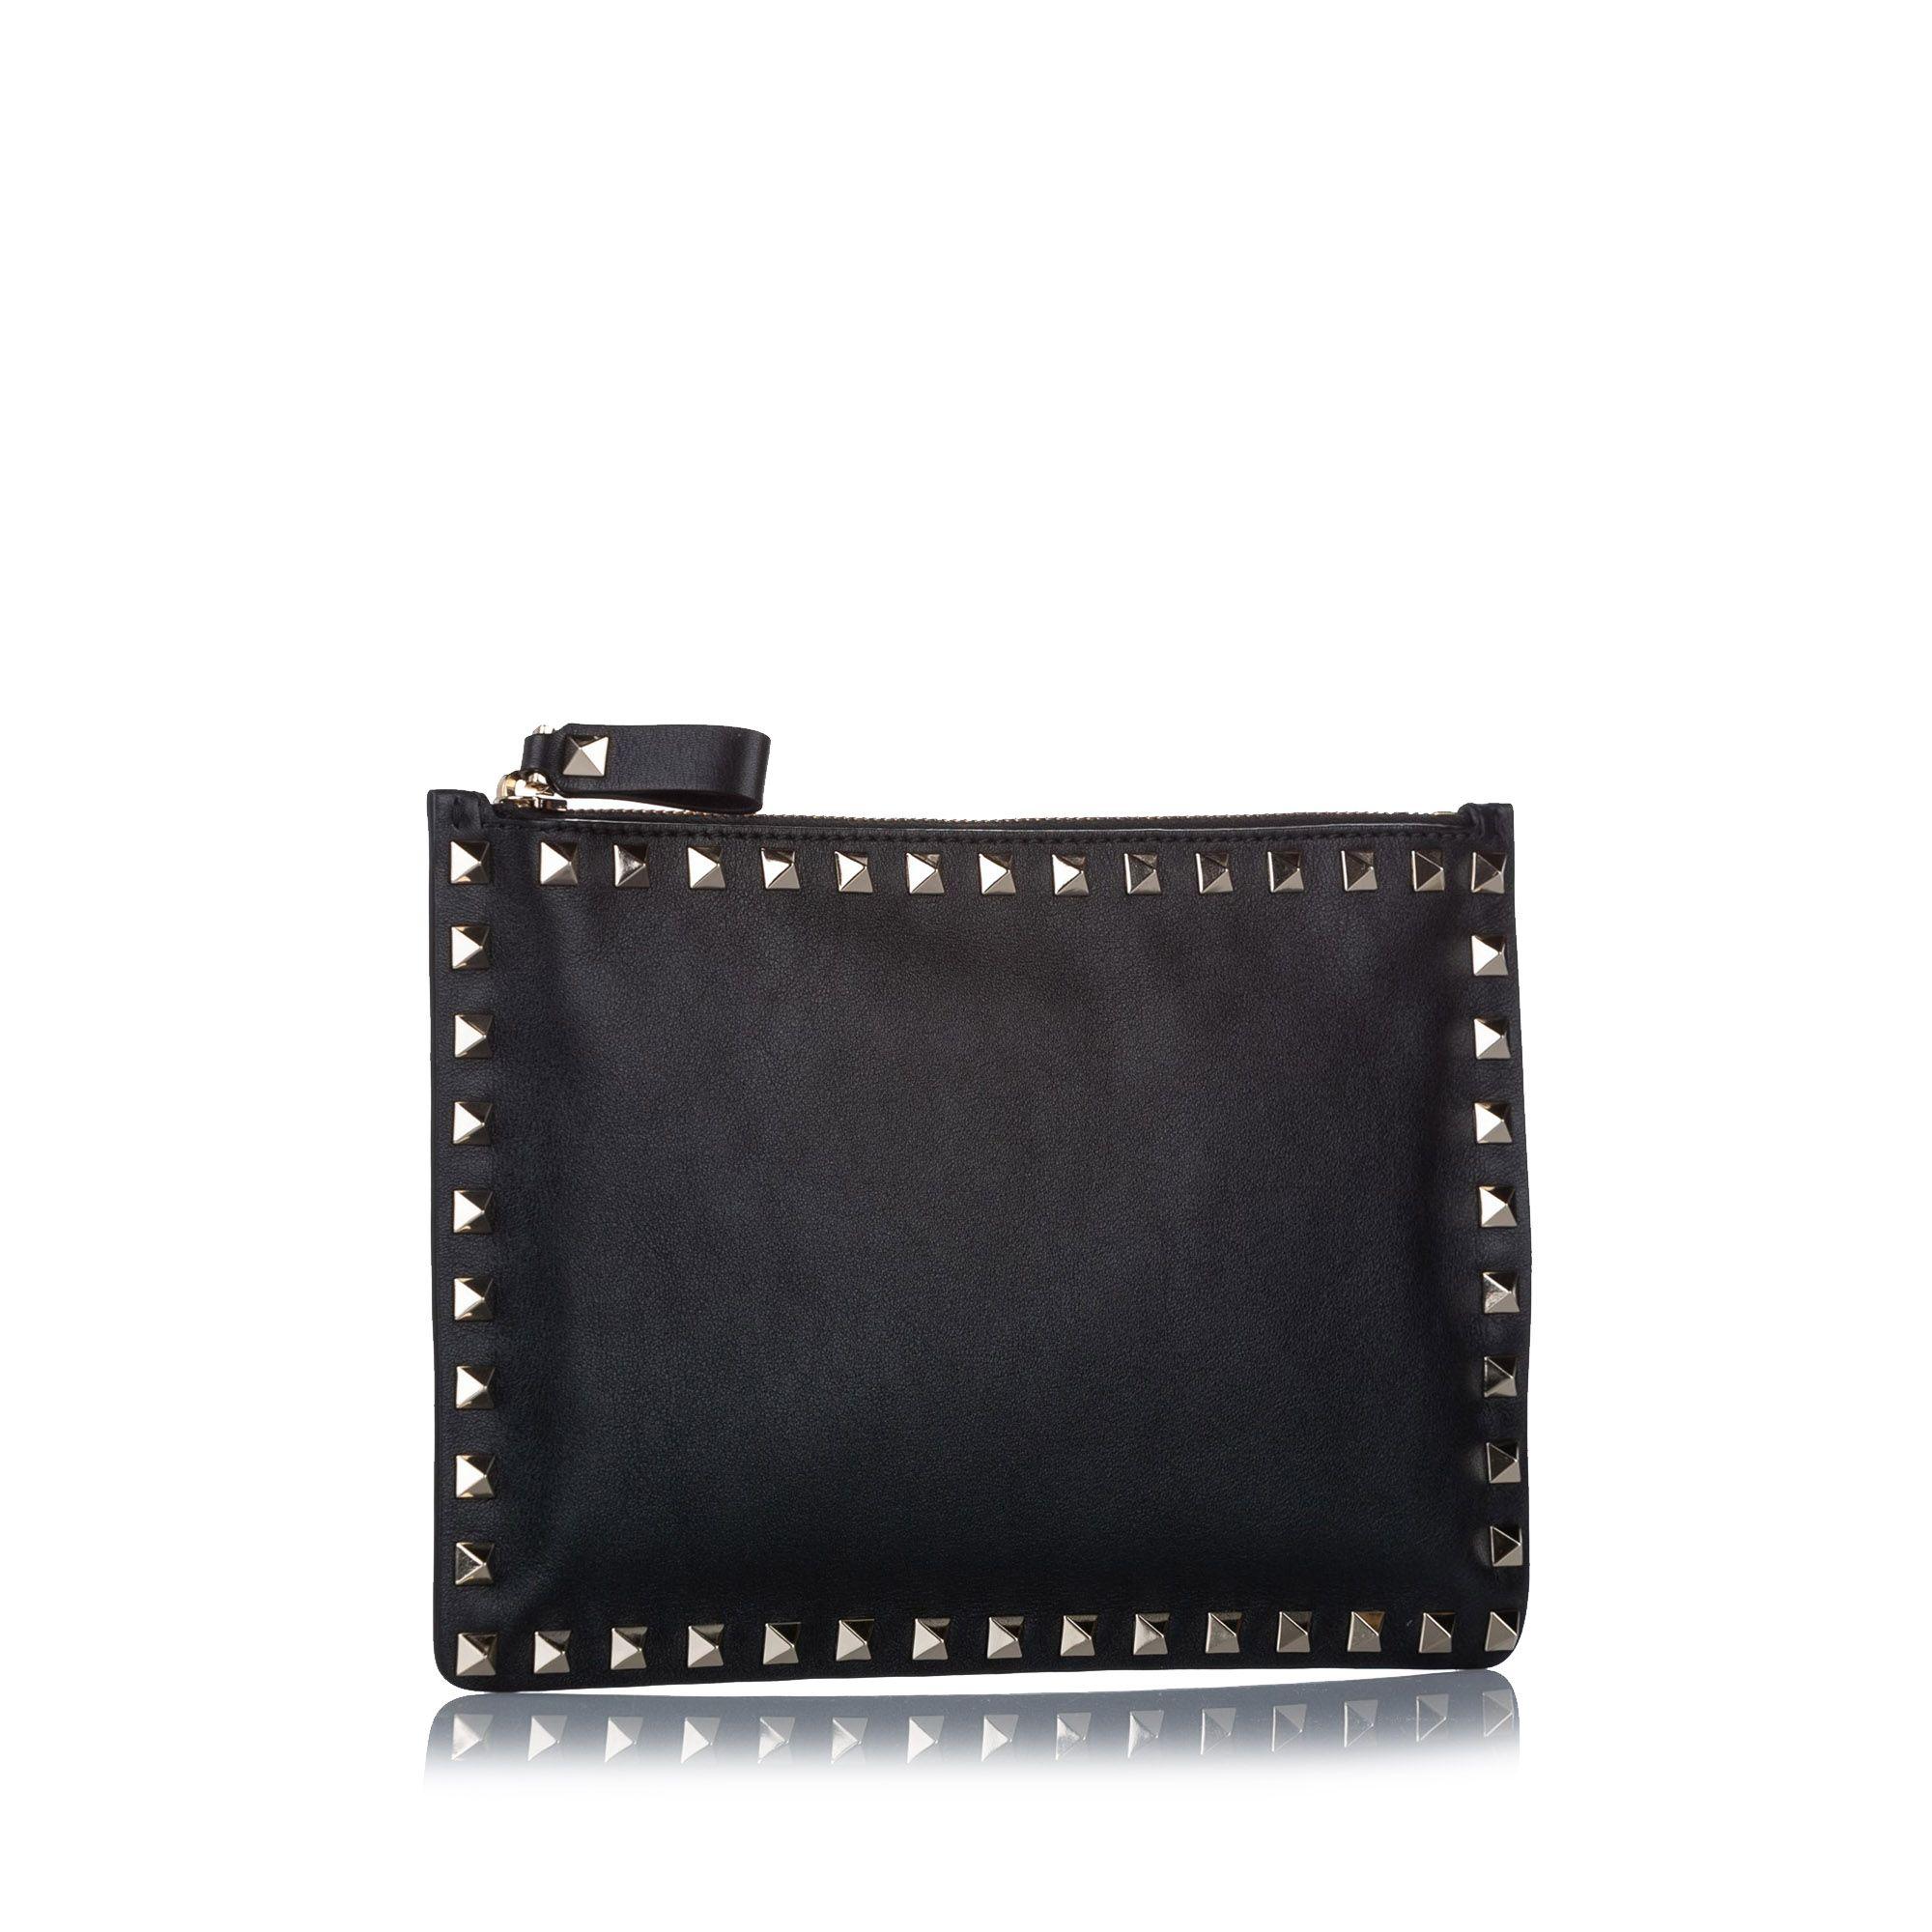 Vintage Valentino Rockstud Leather Clutch Bag Black